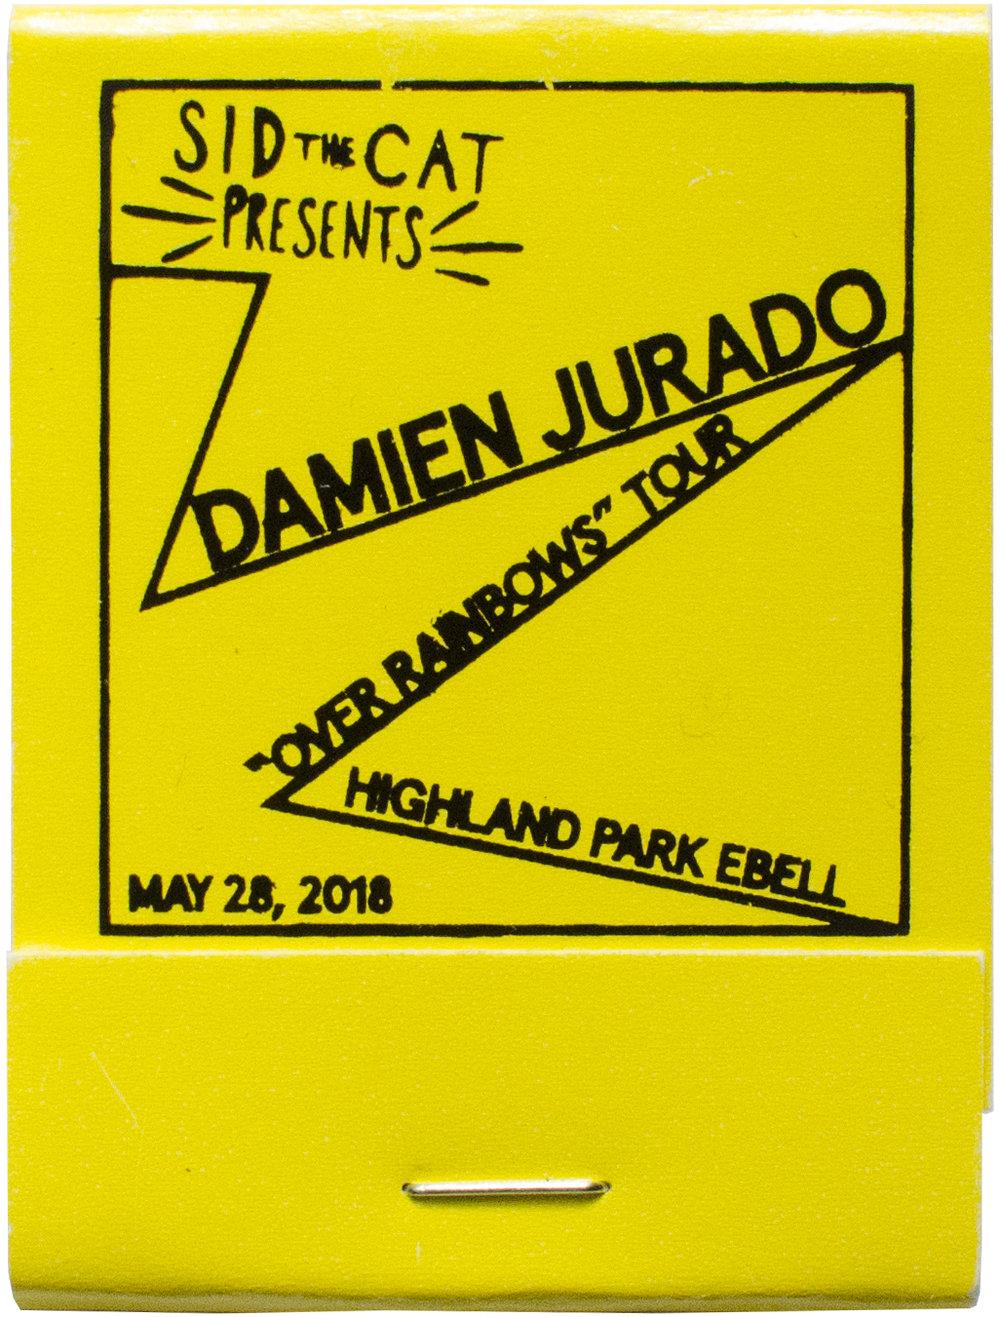 2018-5-28 Damien Jurado.jpg